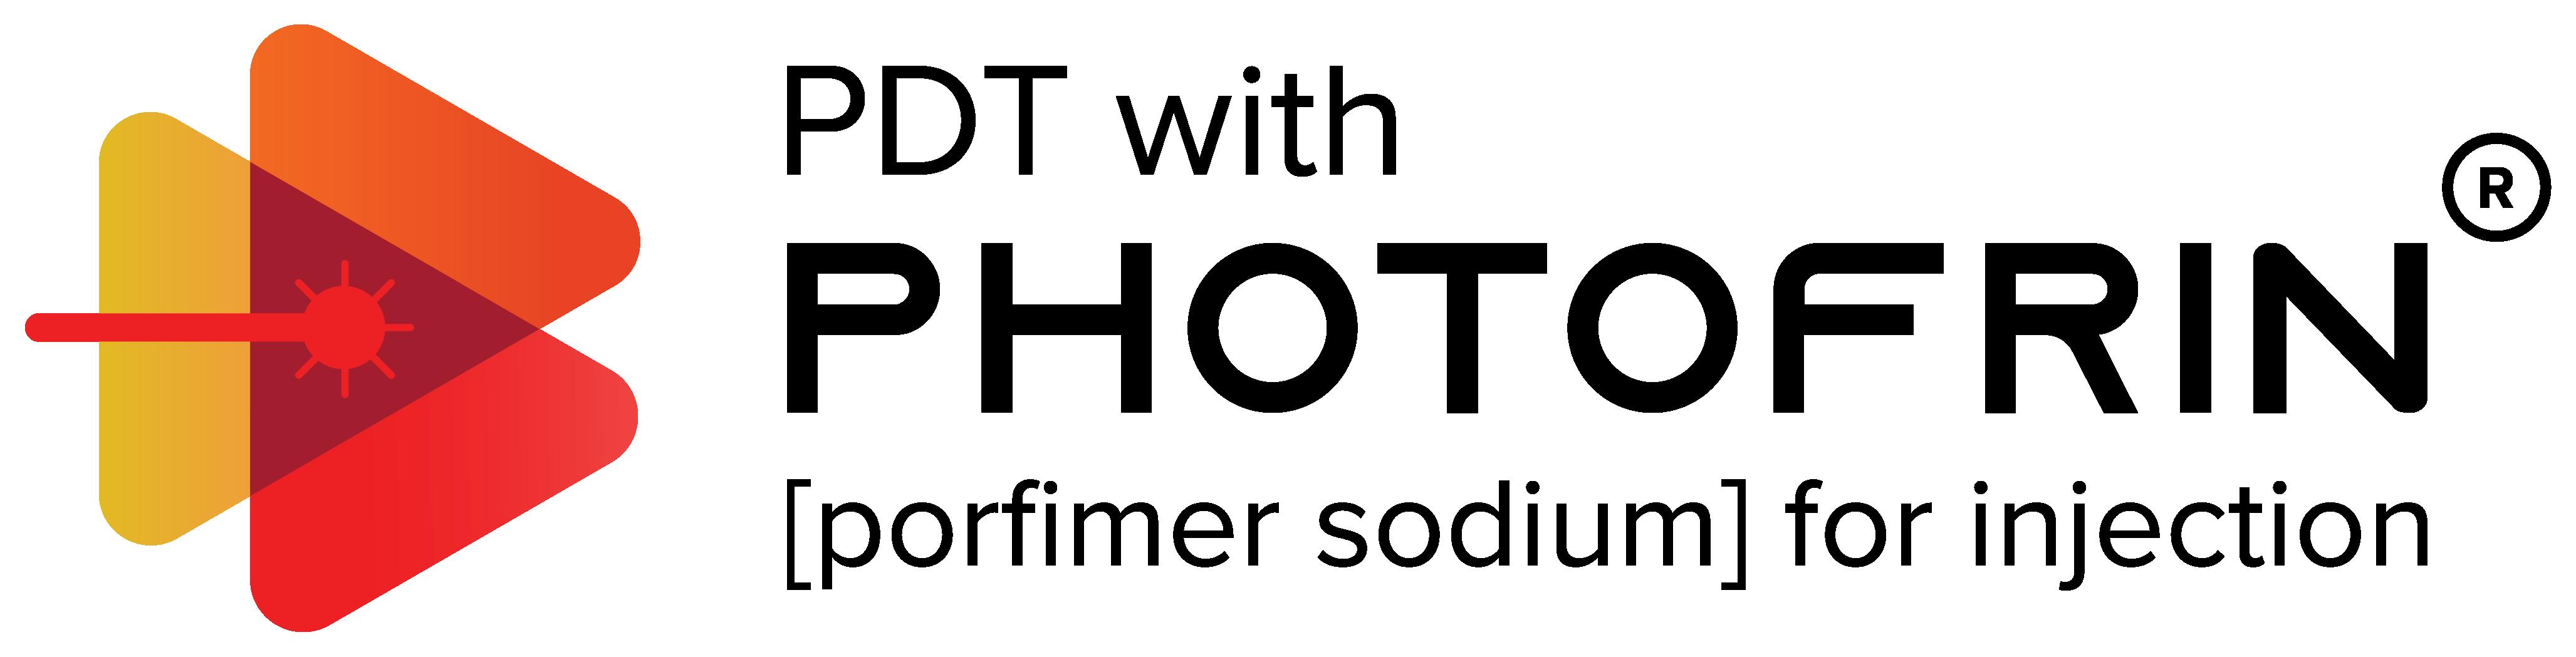 Photofrin logo